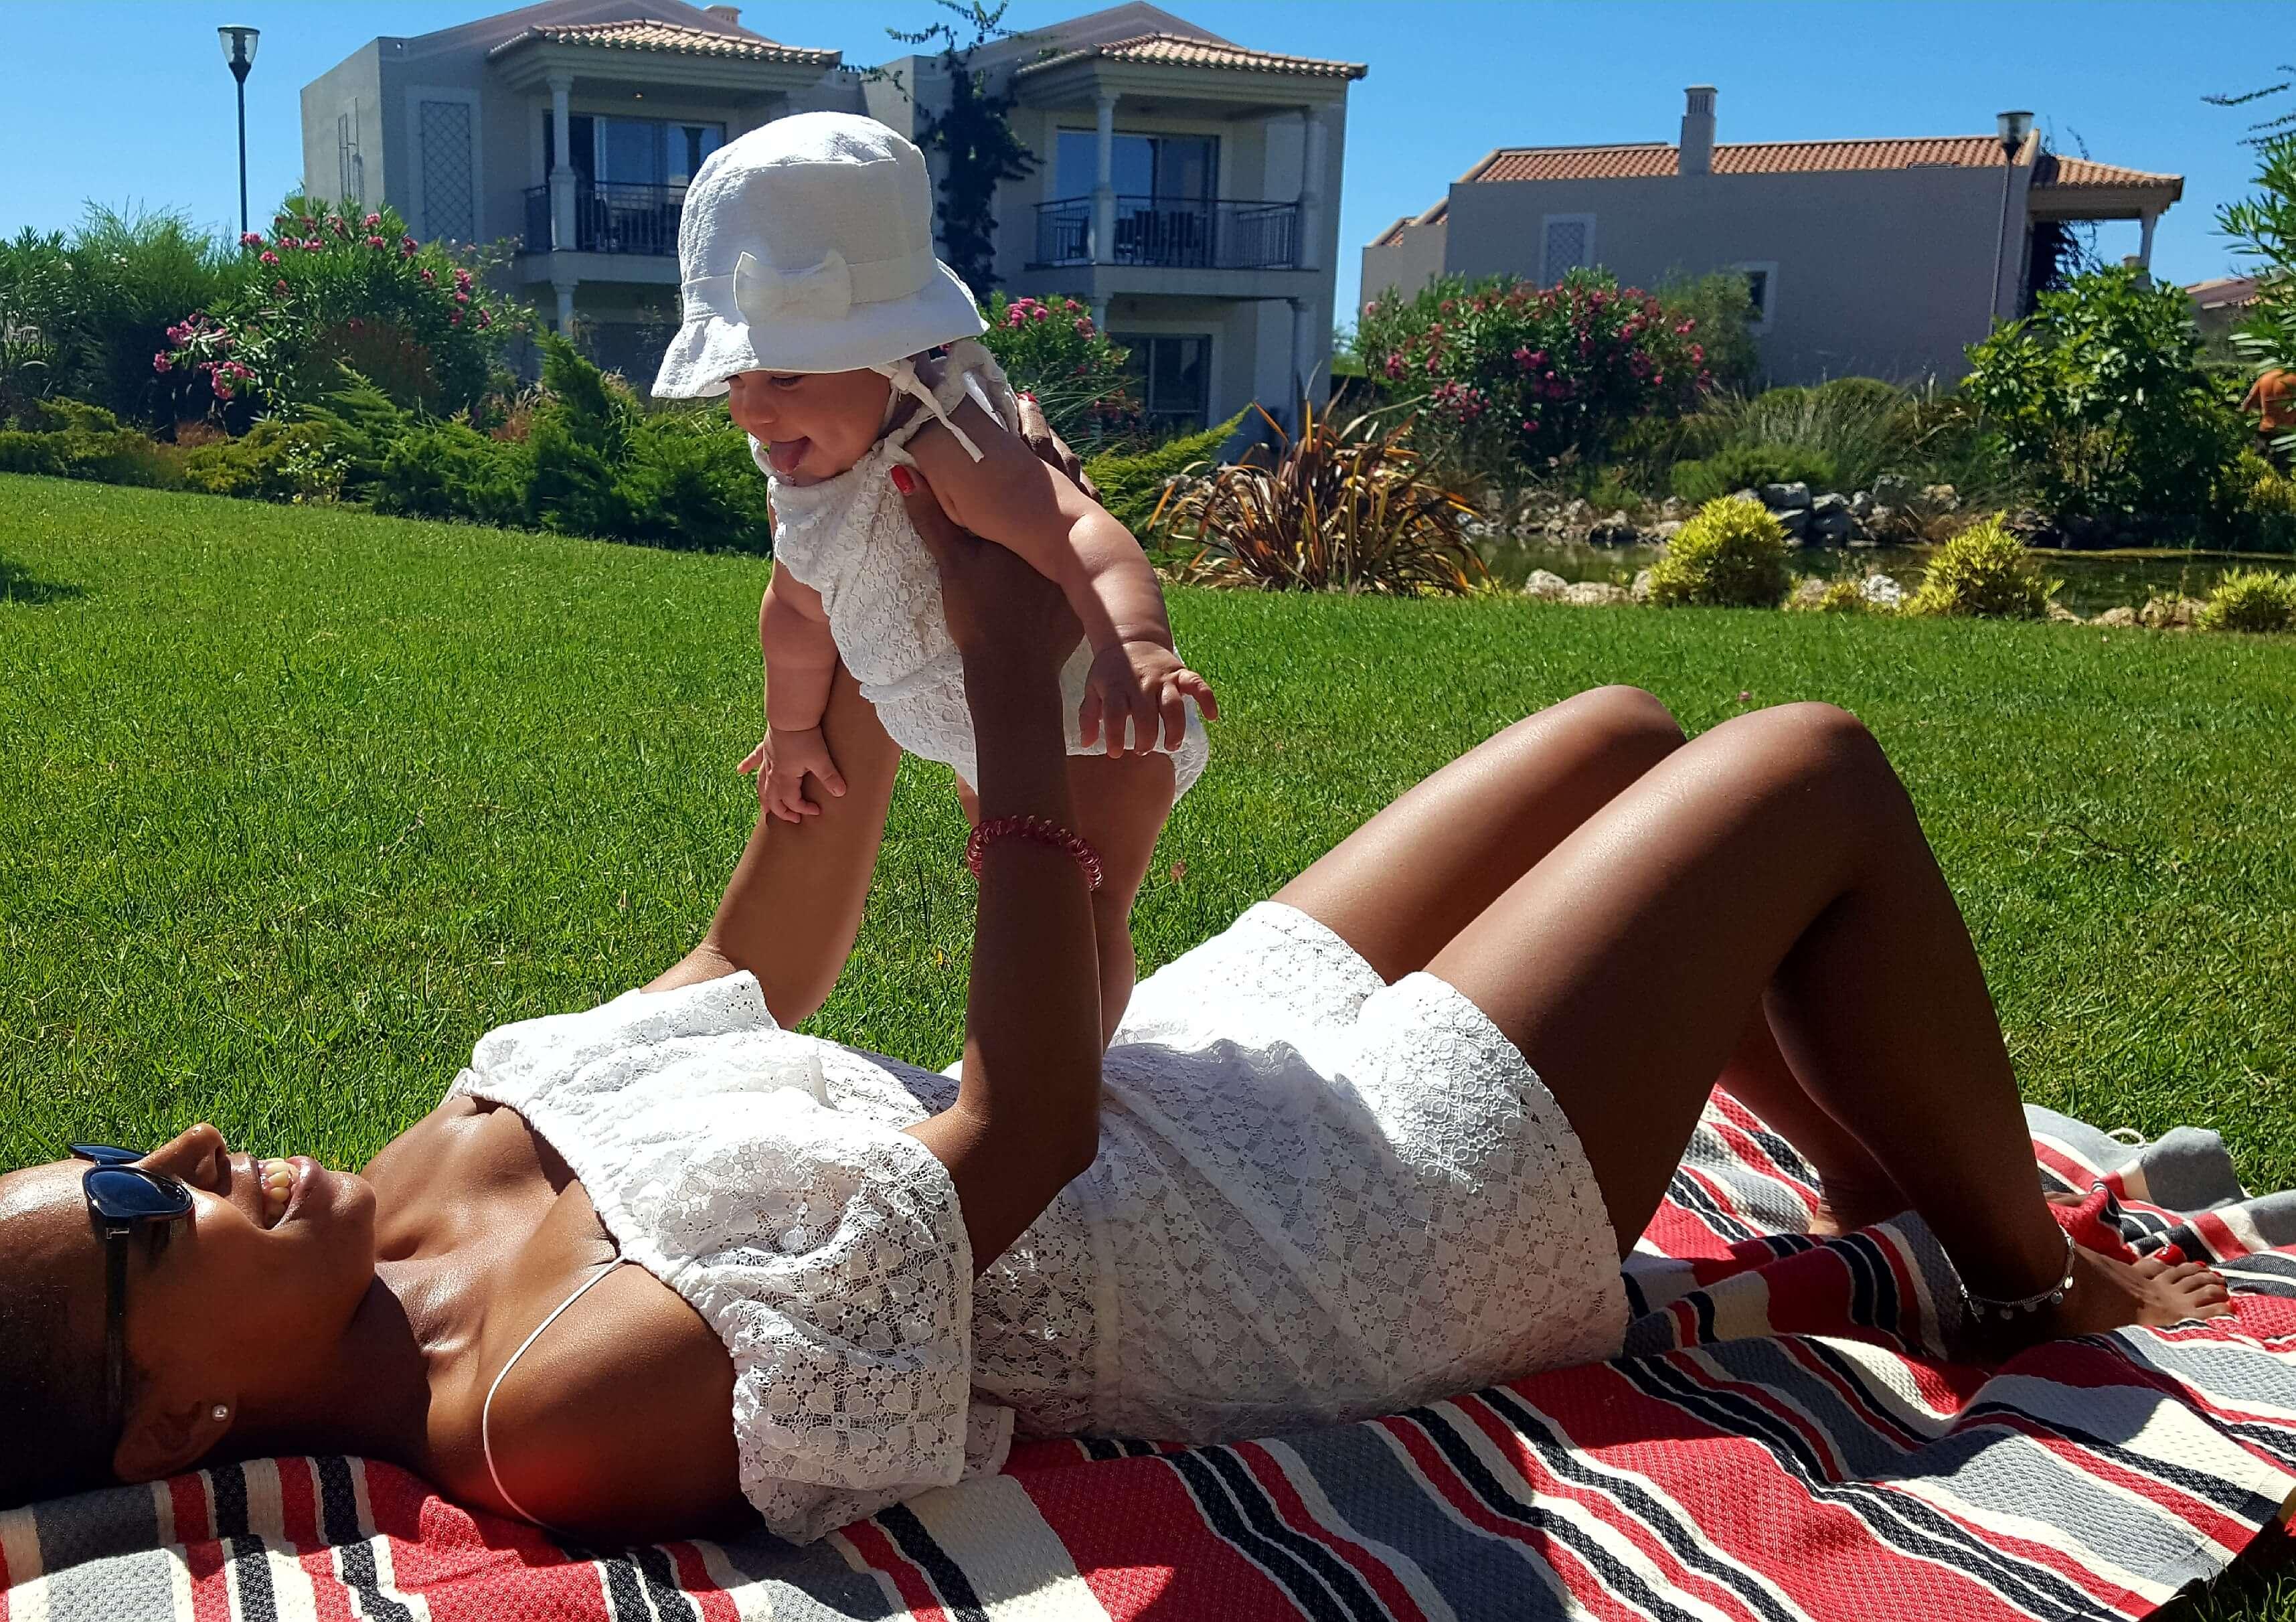 licenca de maternidade